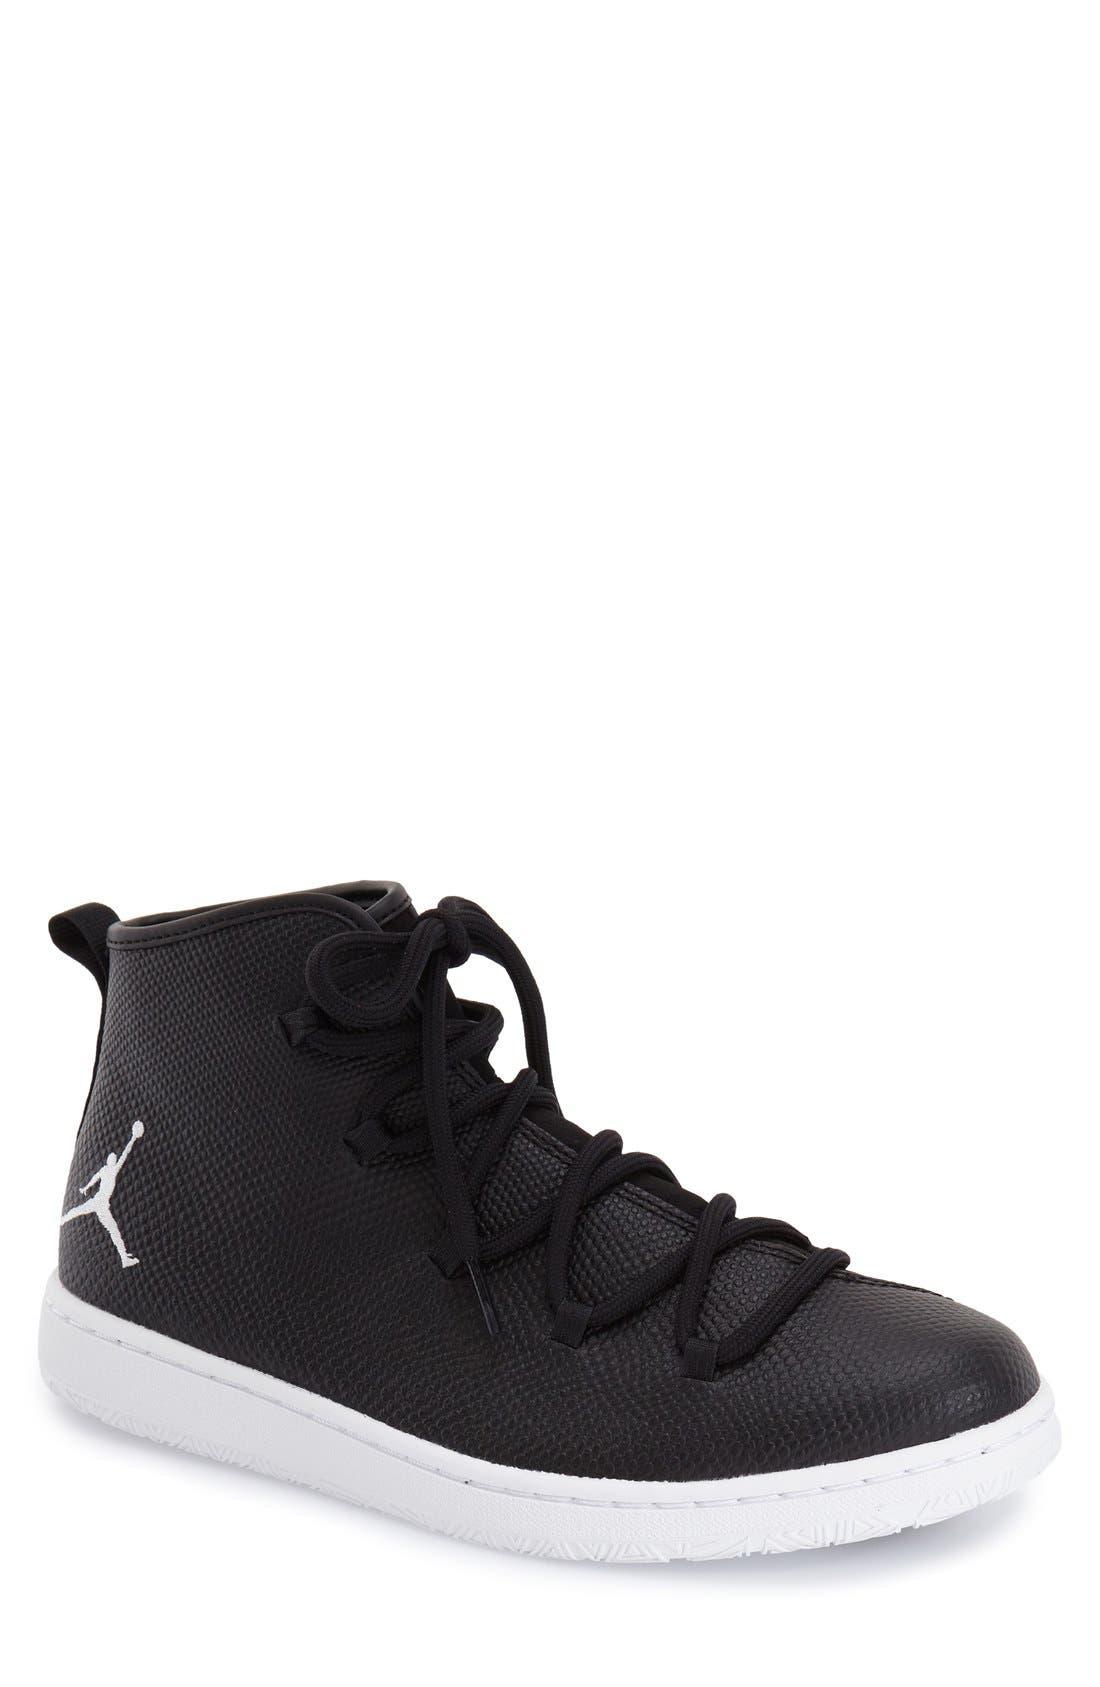 Jordan Galaxy' Sneaker,                             Main thumbnail 1, color,                             010